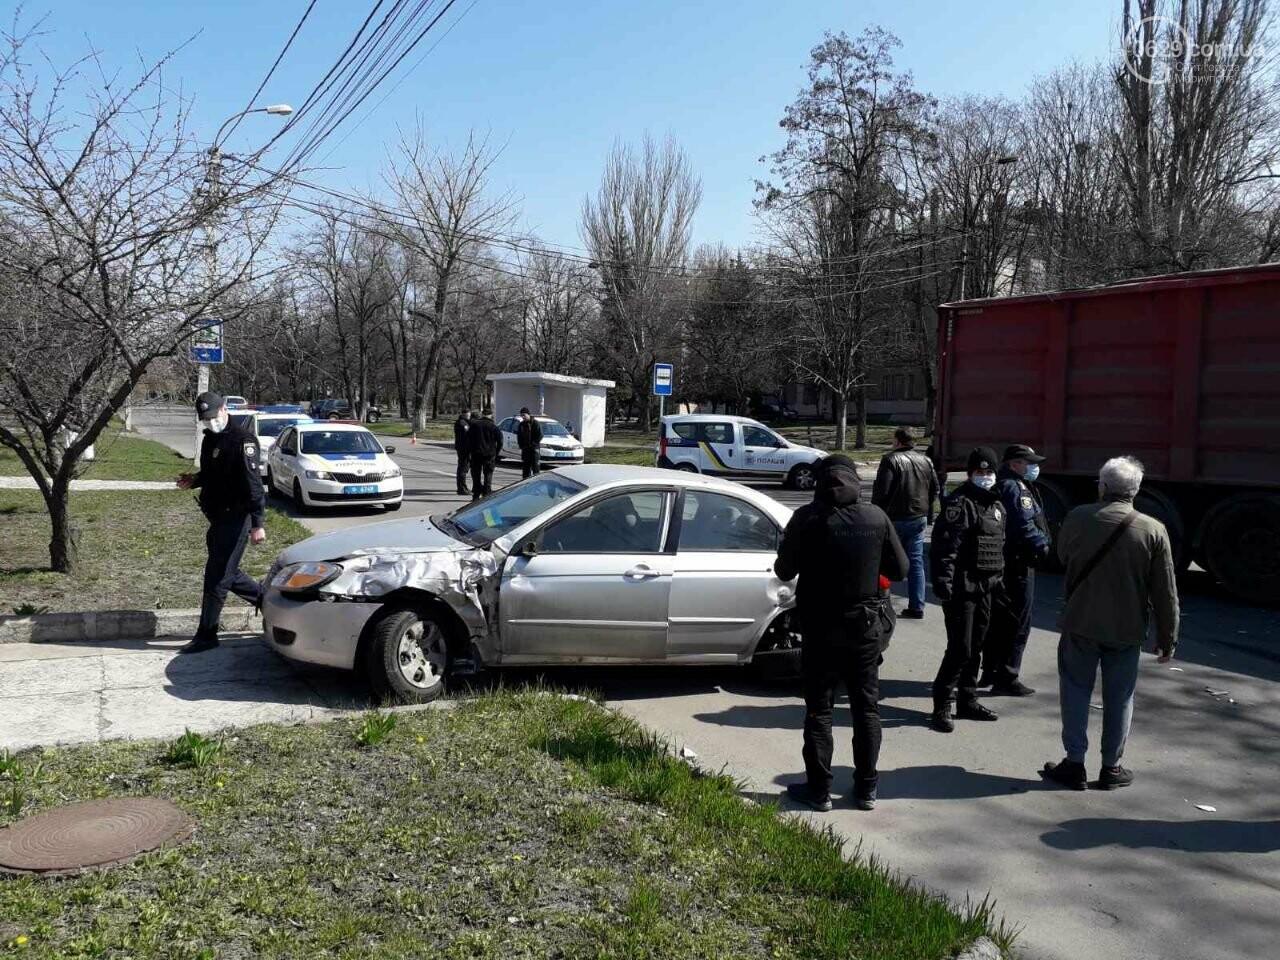 Тройное ДТП с пострадавшими. В Мариуполе столкнулись две легковушки и грузовик,  - ФОТО, фото-2